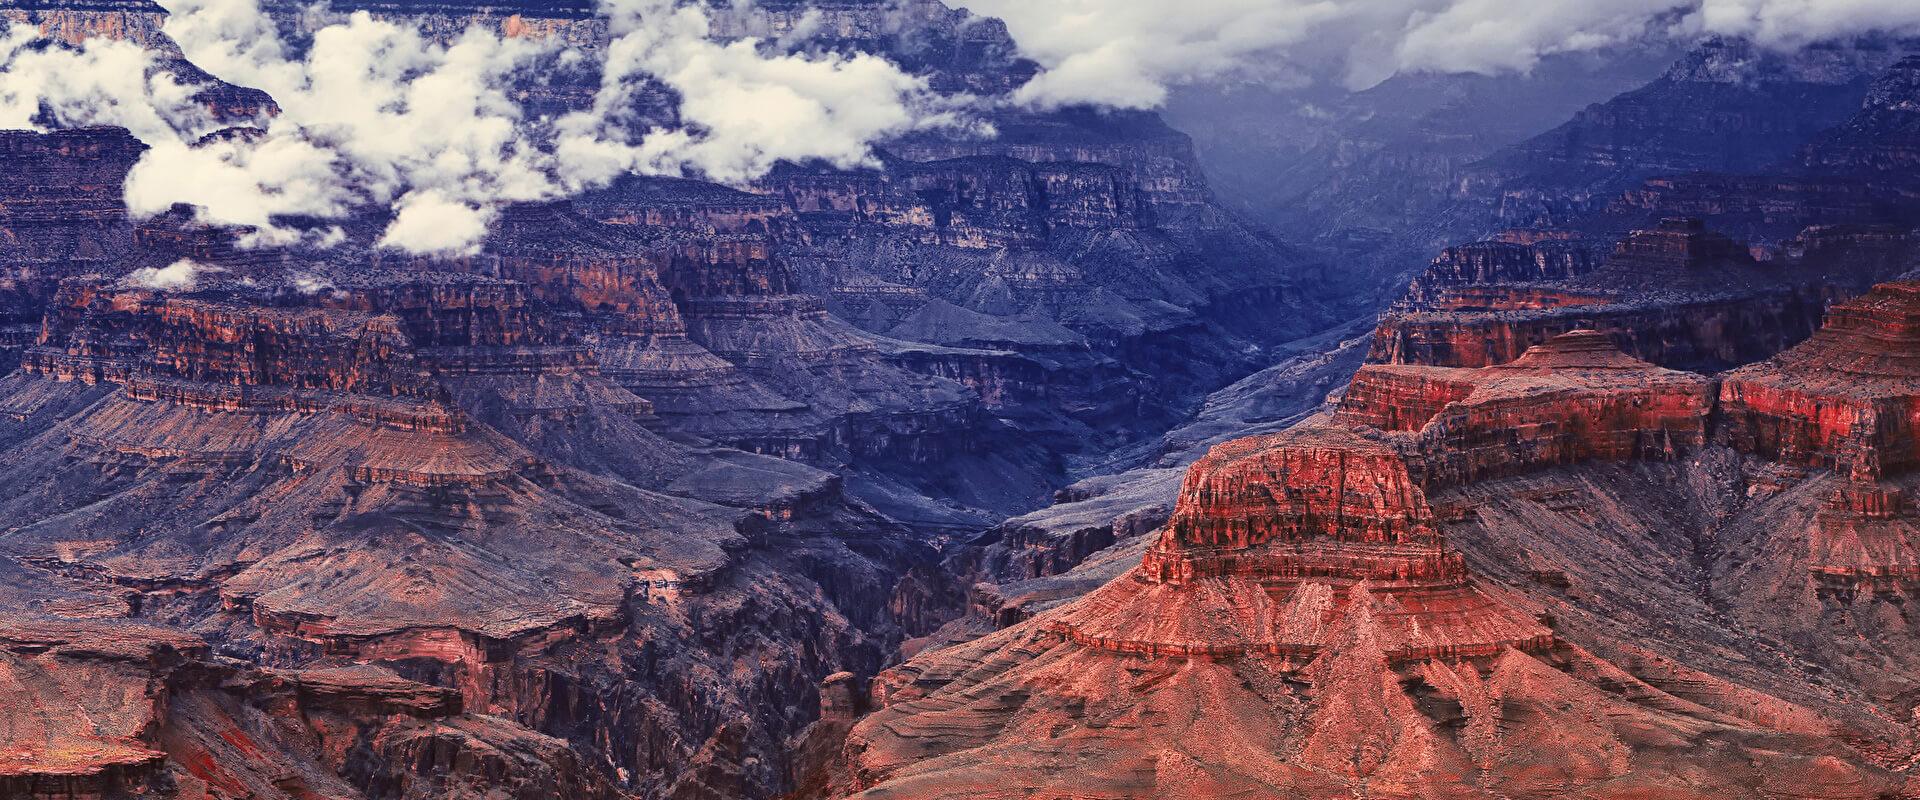 Каньоны и Национальные парки юго-запада Америки